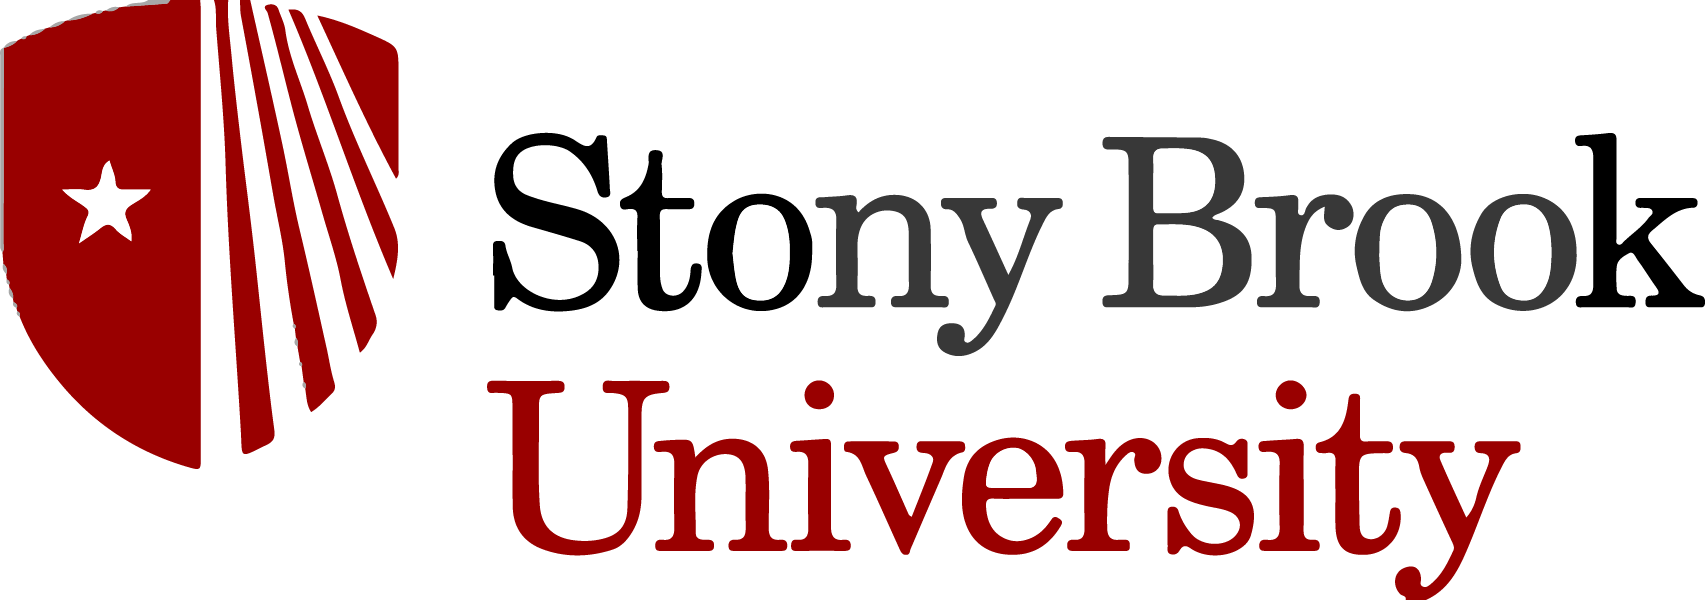 Stonybrook University